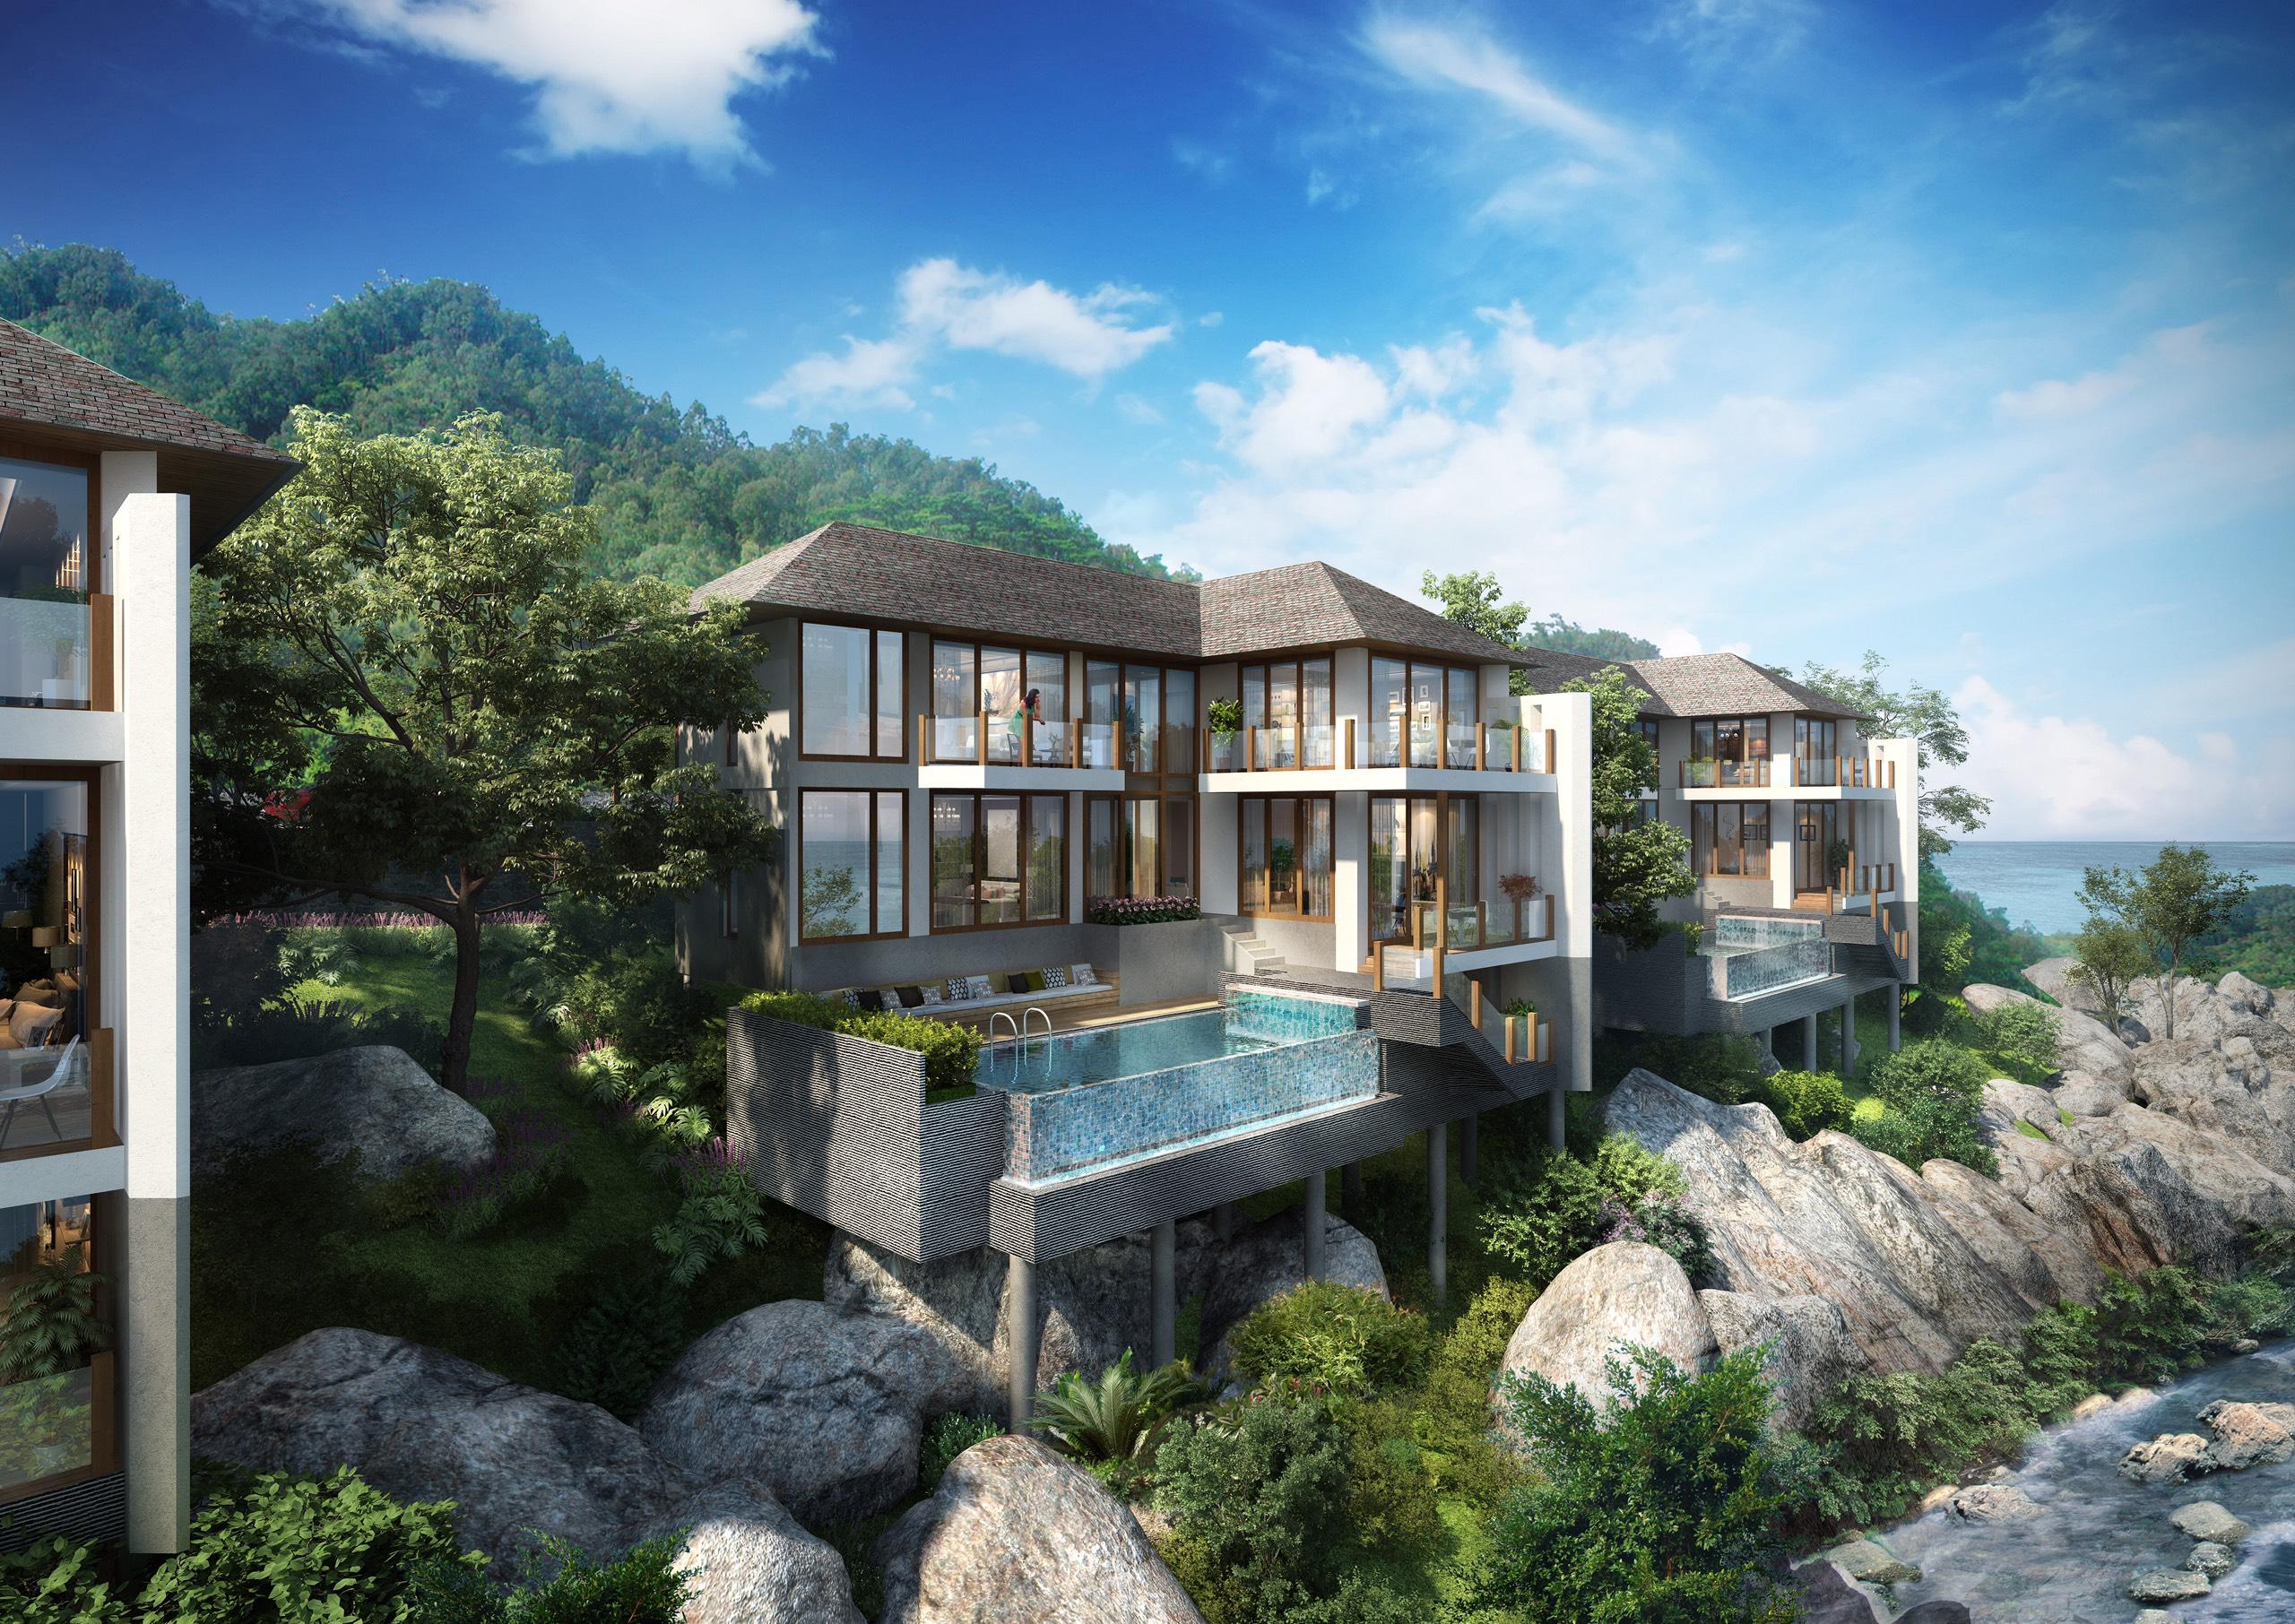 Top 7 biệt thự view biển nổi tiếng đáng mua nhất Phú Quốc